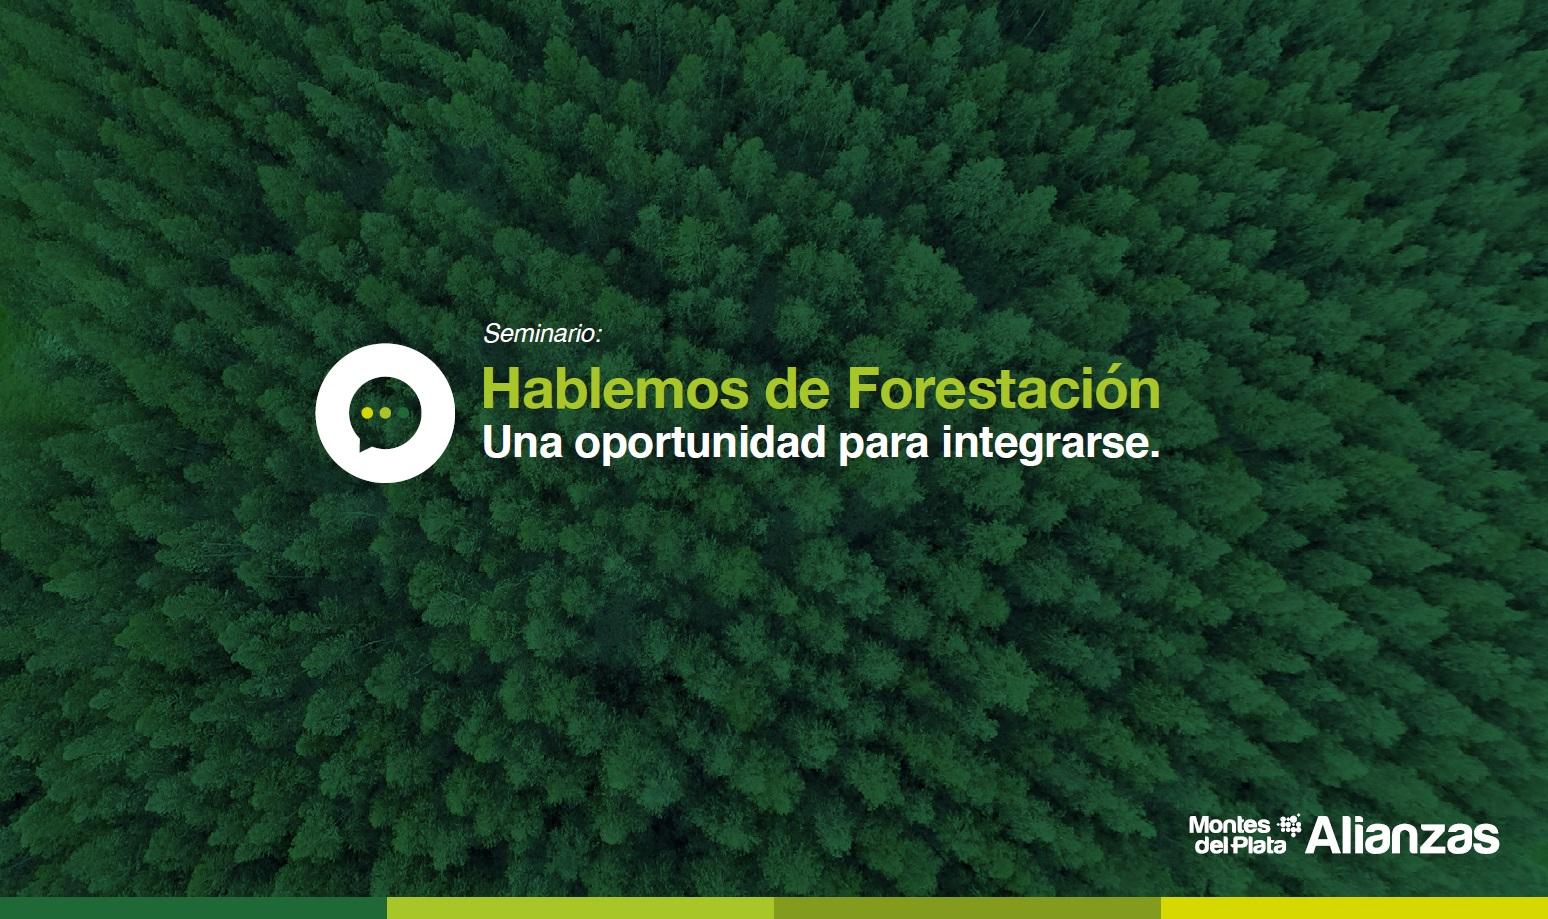 Seminario para conectarse con las oportunidades en torno a la forestación